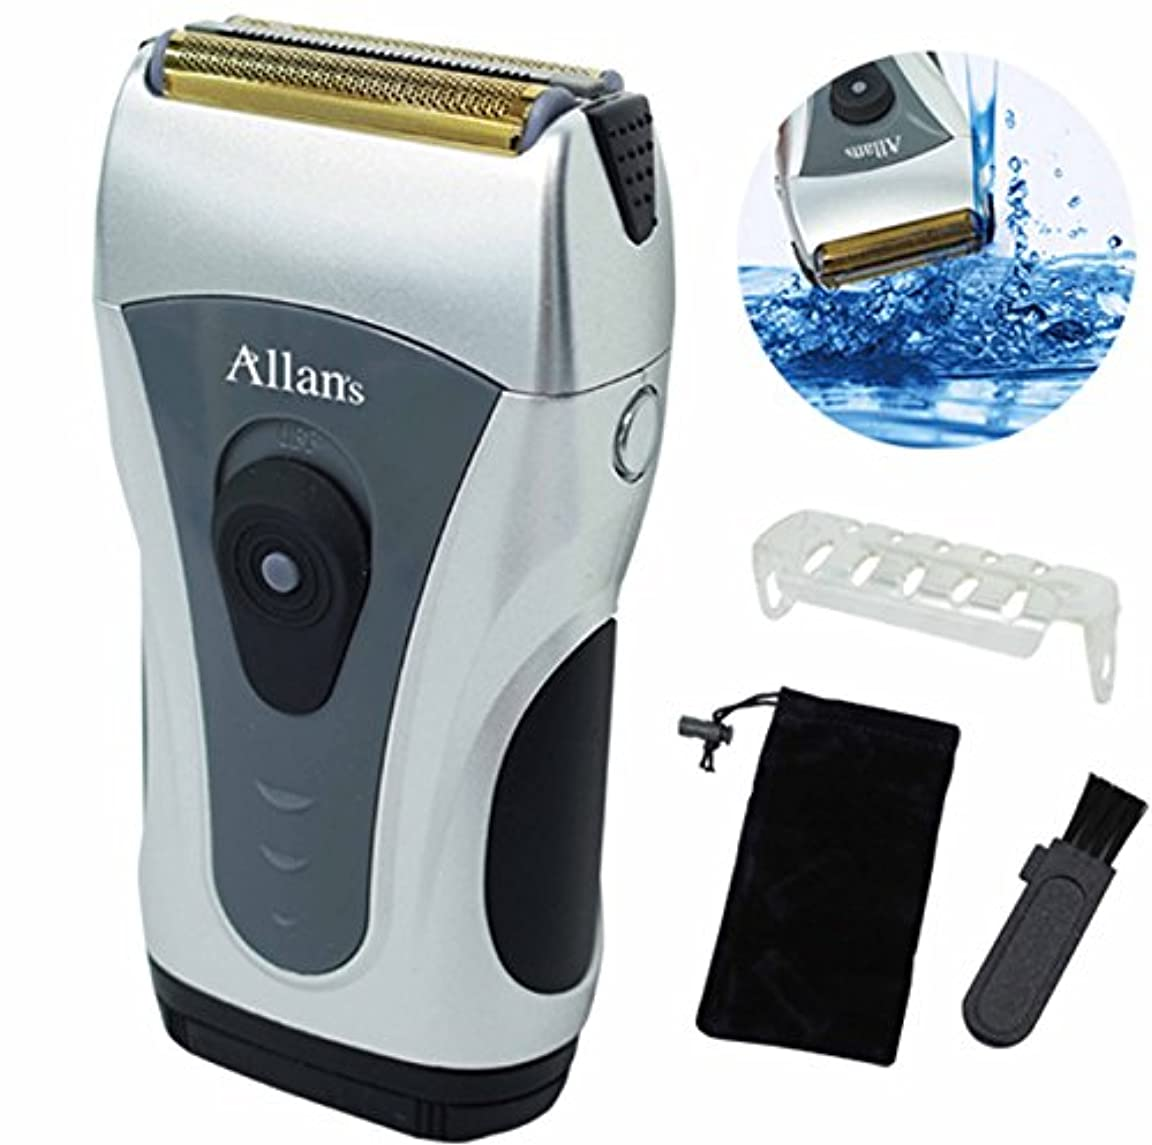 自信があるカストディアンスペアAllans 携帯 電池 式 電動 髭剃り 水洗い ウォッシャブル メンズ シェーバー コンパクト MEBM-29